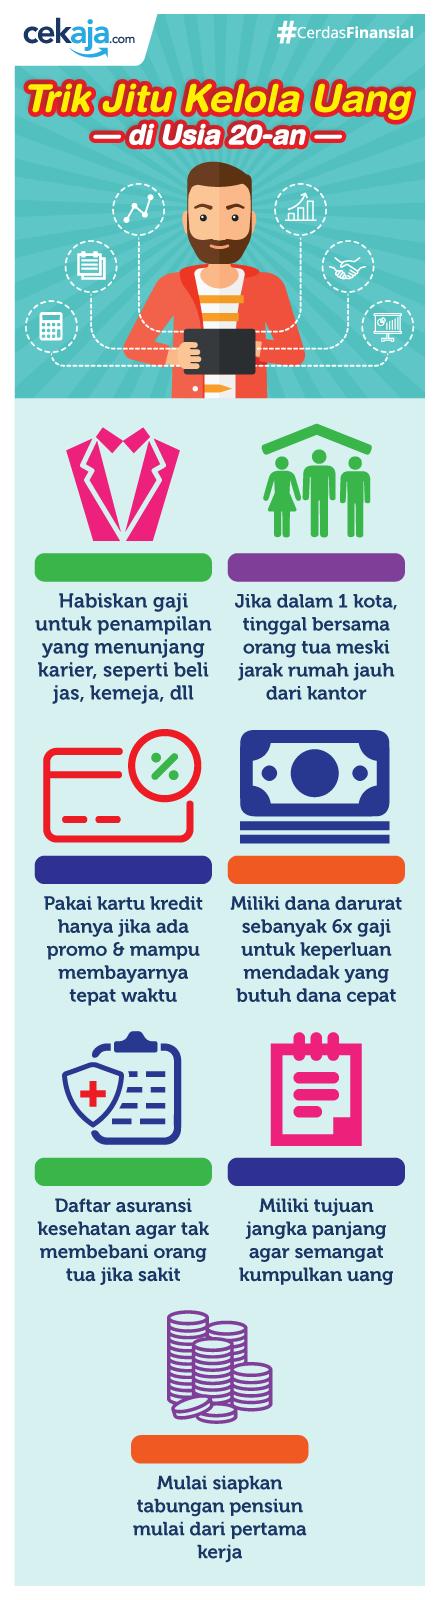 infografis-atur uang - CekAja.com